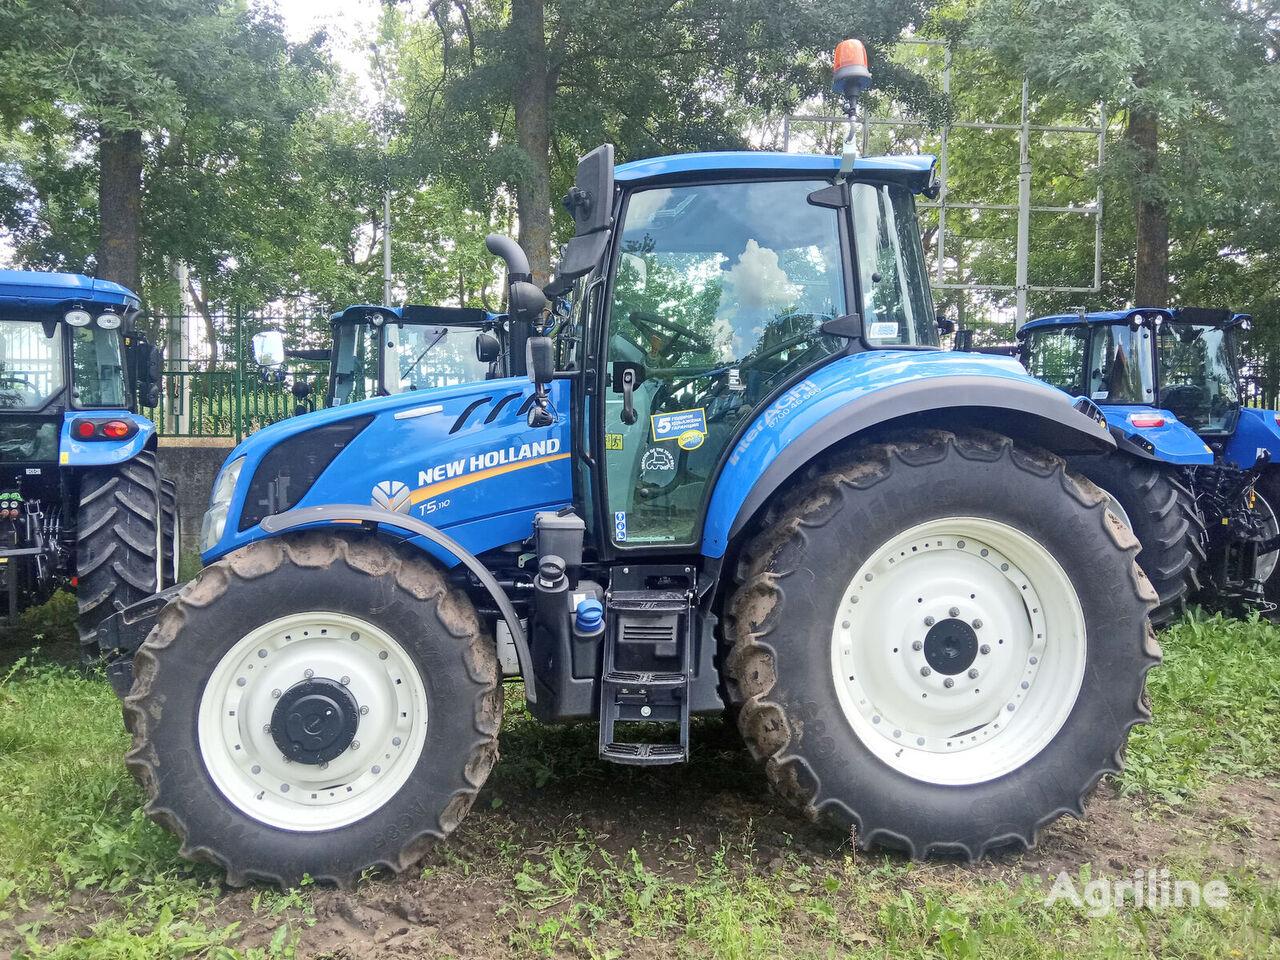 трактор колісний NEW HOLLAND T5.110 EC T4B TMR